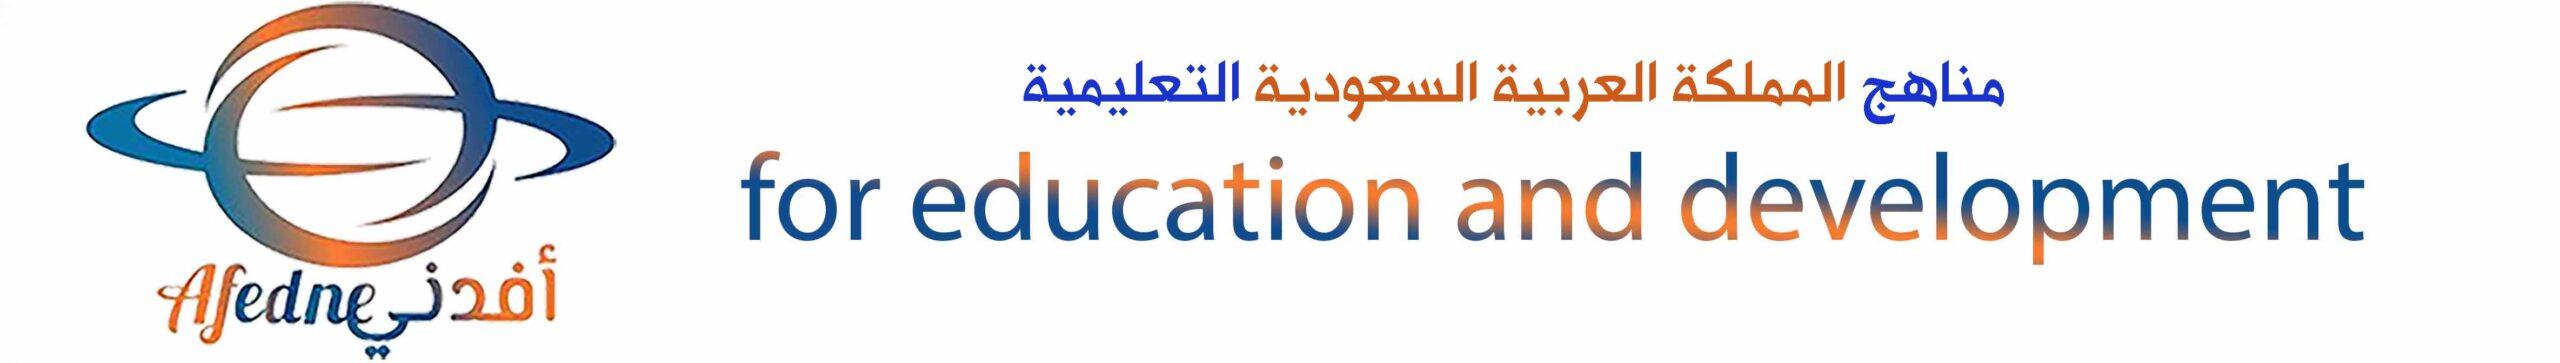 مناهج السعودية التعليمية